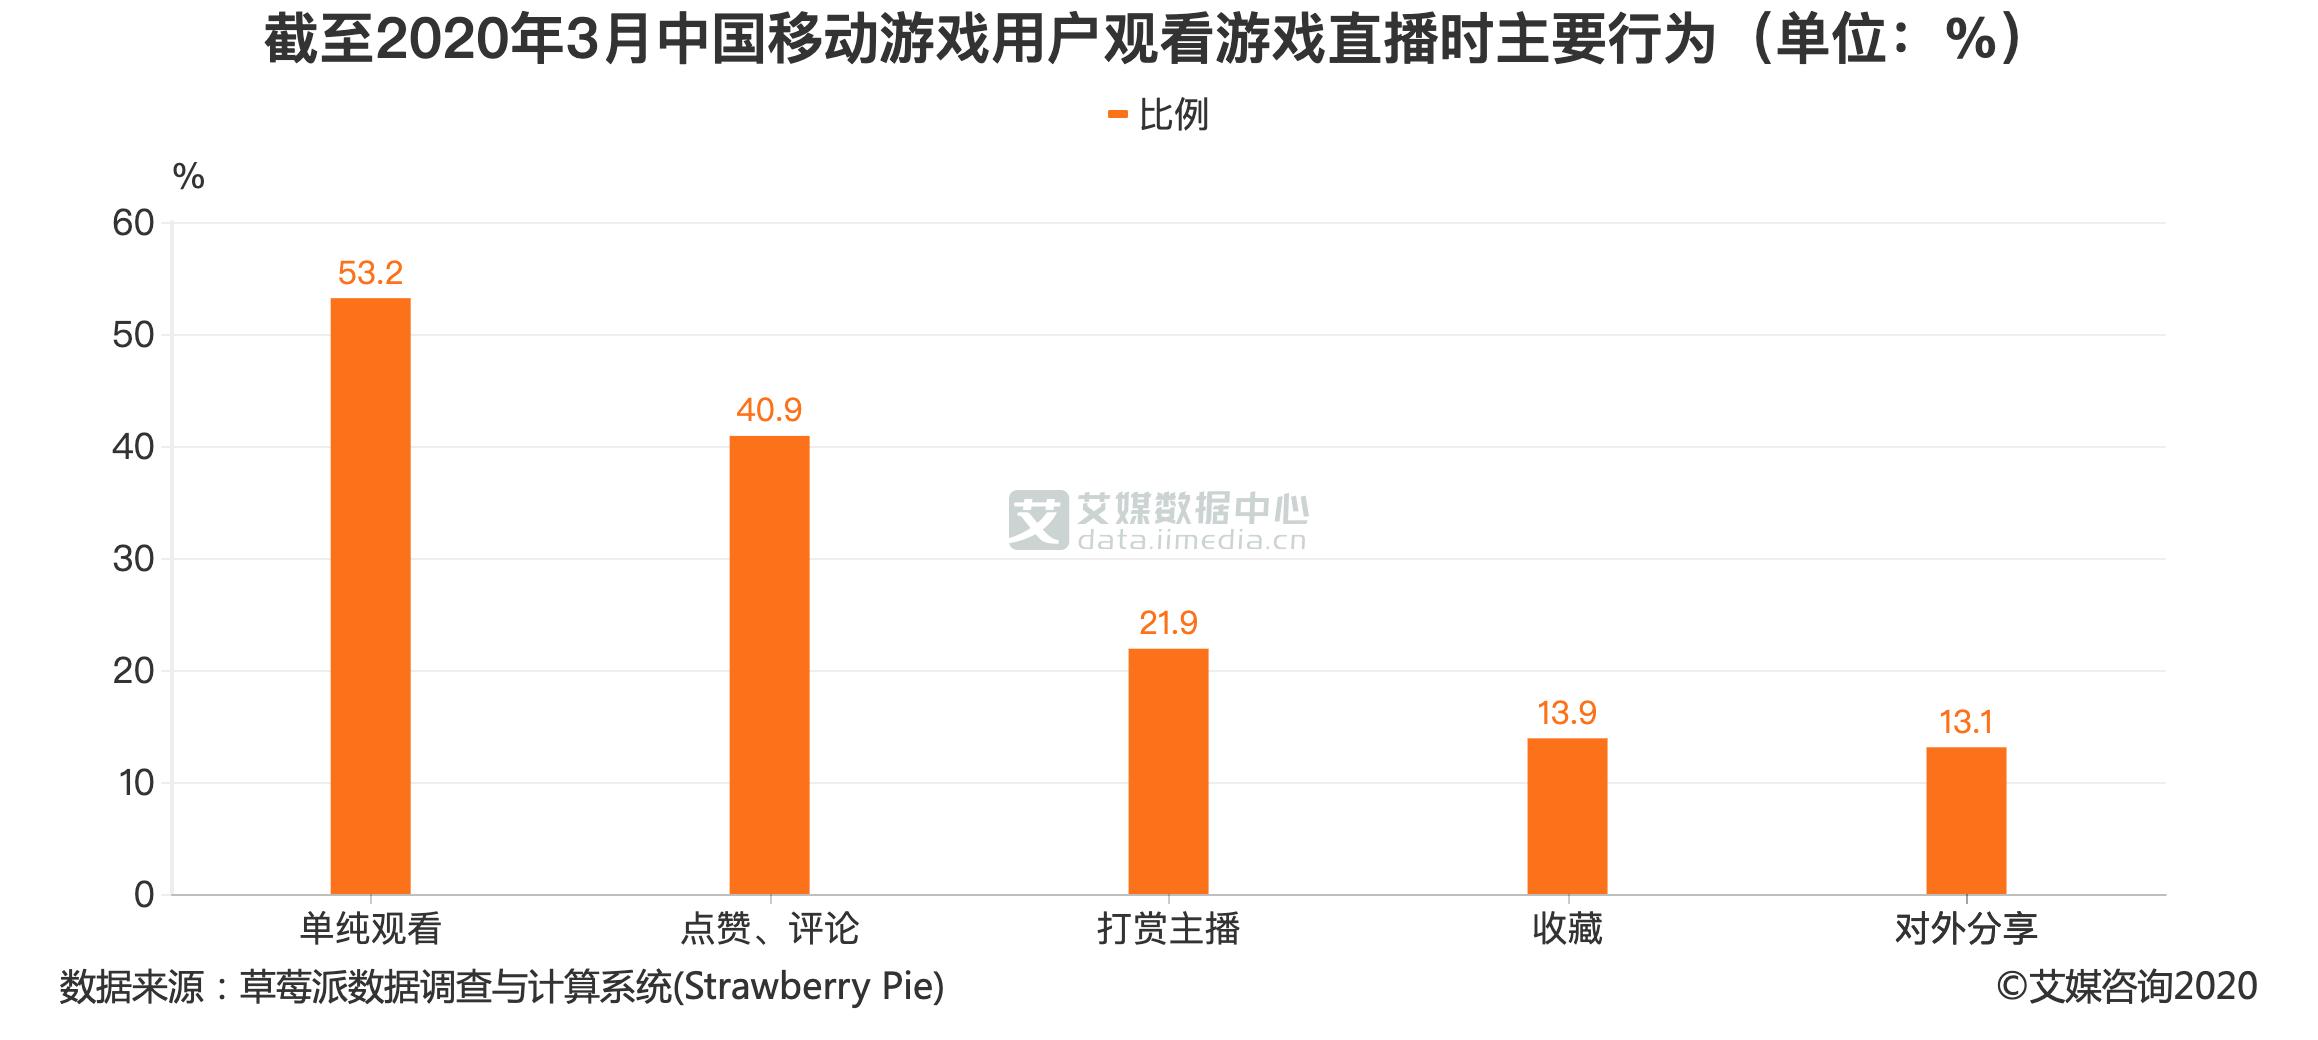 截至2020年3月中国移动游戏用户观看游戏直播时主要行为(单位:%)